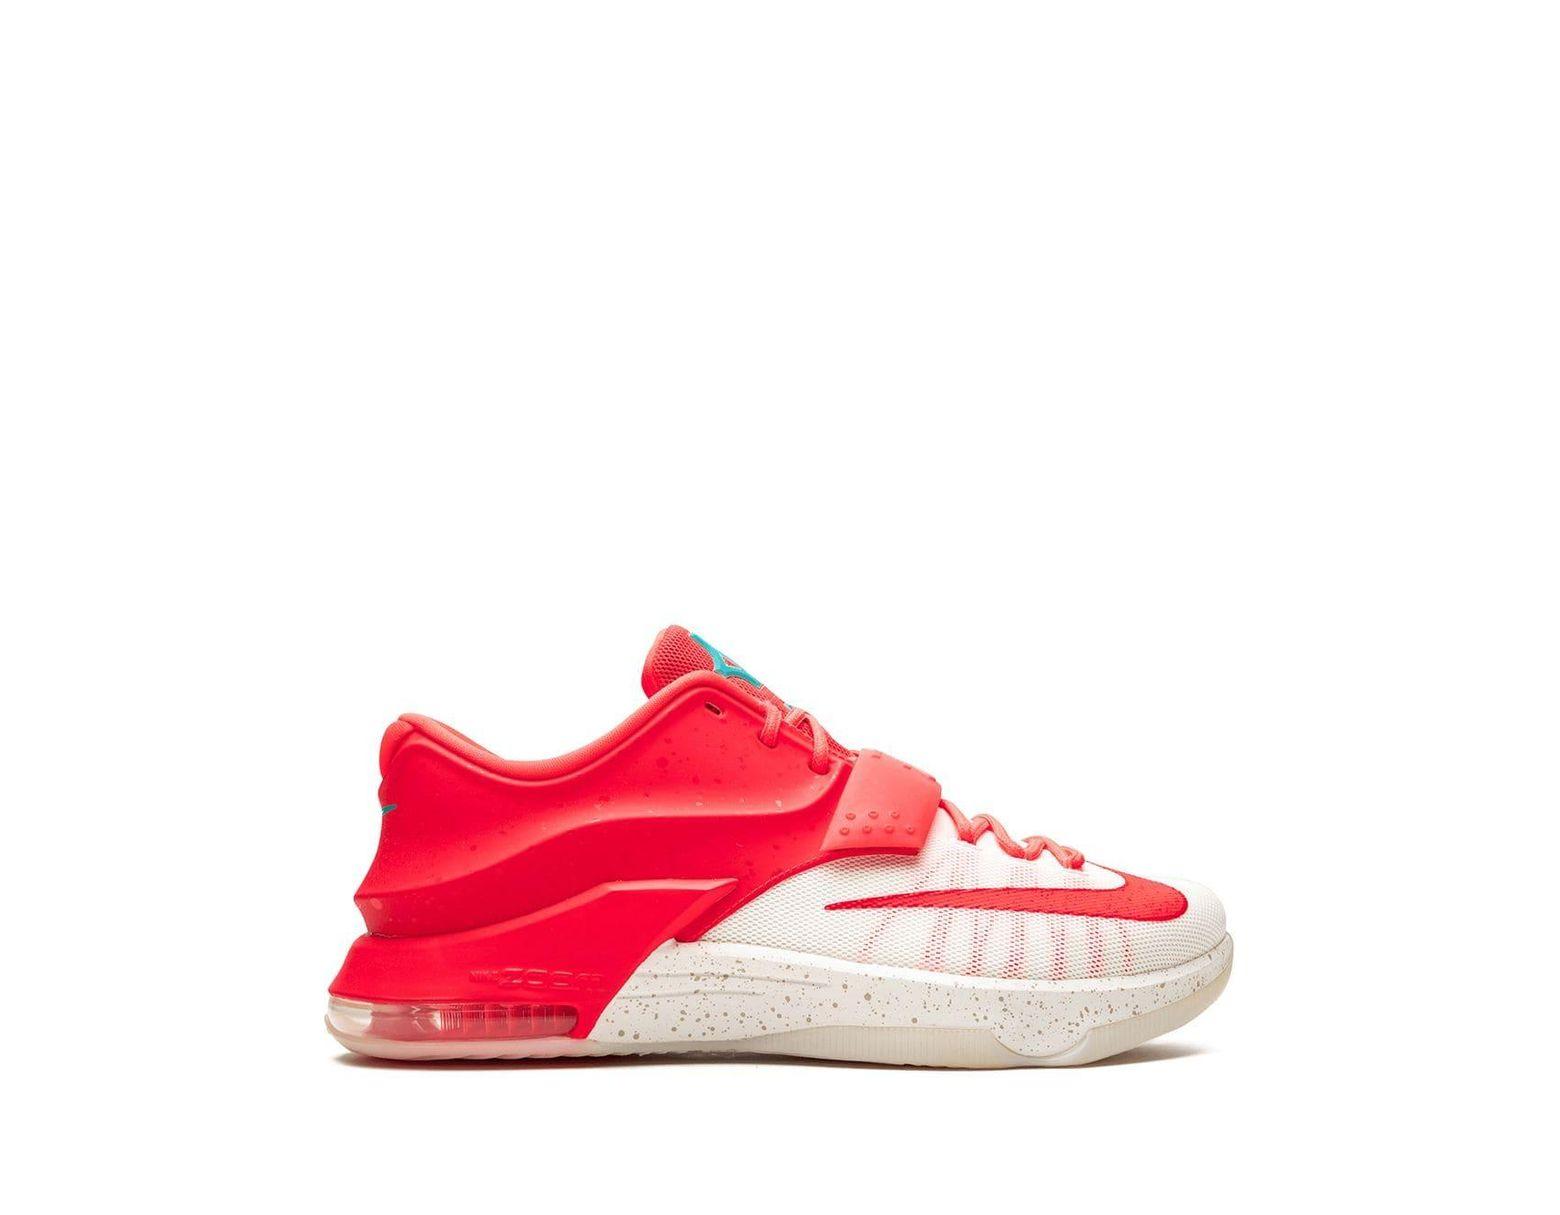 sale retailer 69d8d 77a4d Men's Red Kd 7 Xmas Trainers